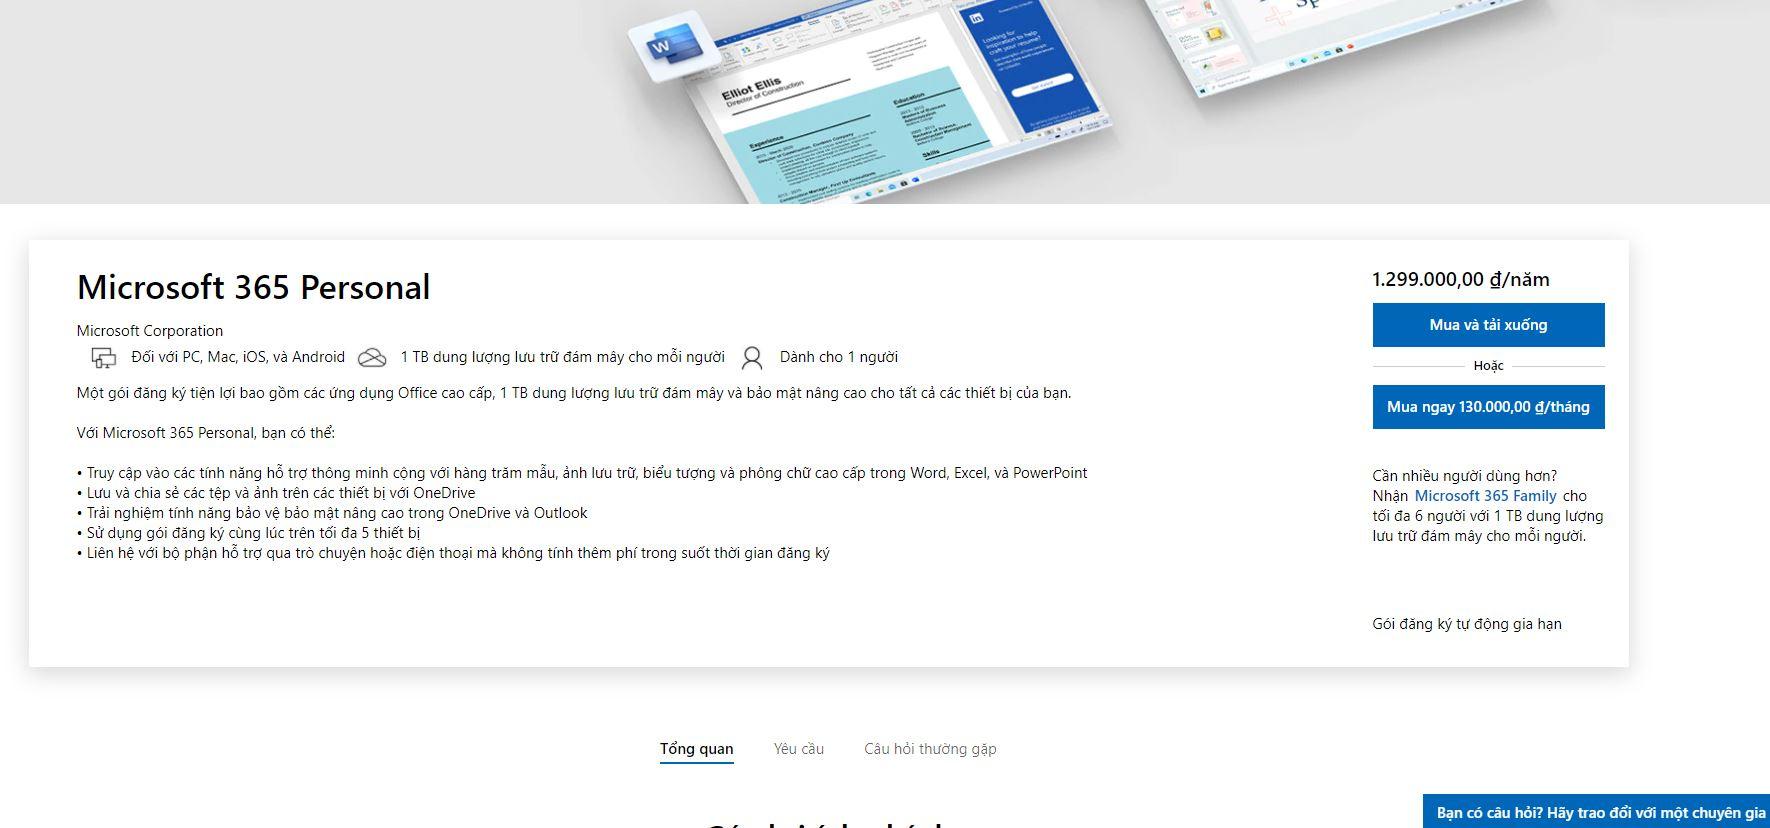 Ứng dụng cao cấp đi kèm của microsoft Office 365